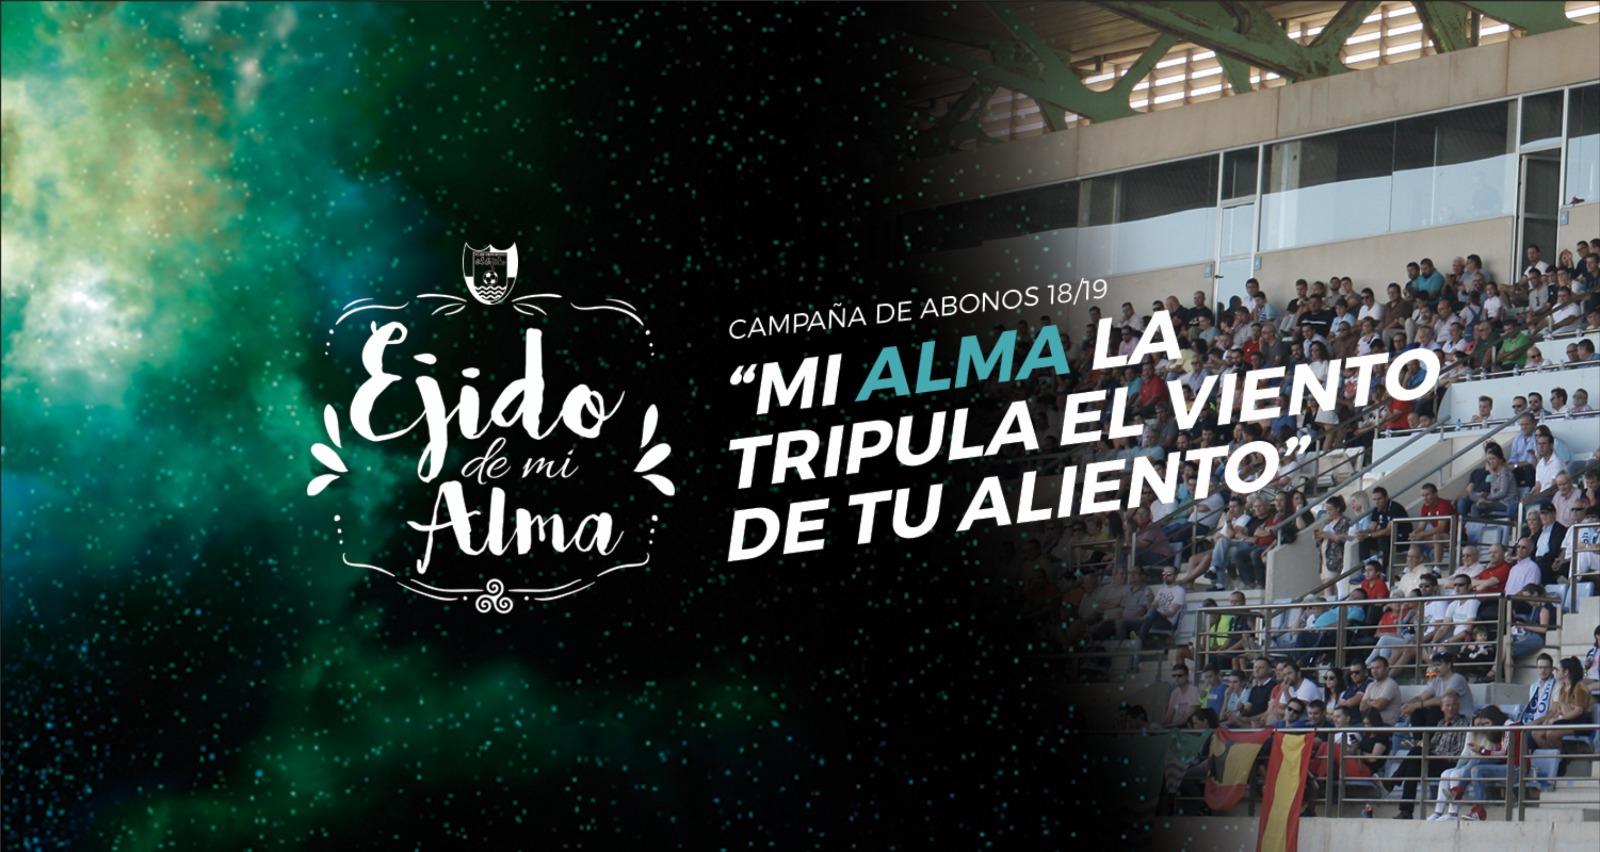 El CD El Ejido llega al ecuador de su campaña de abonos con más de medio millar de abonados